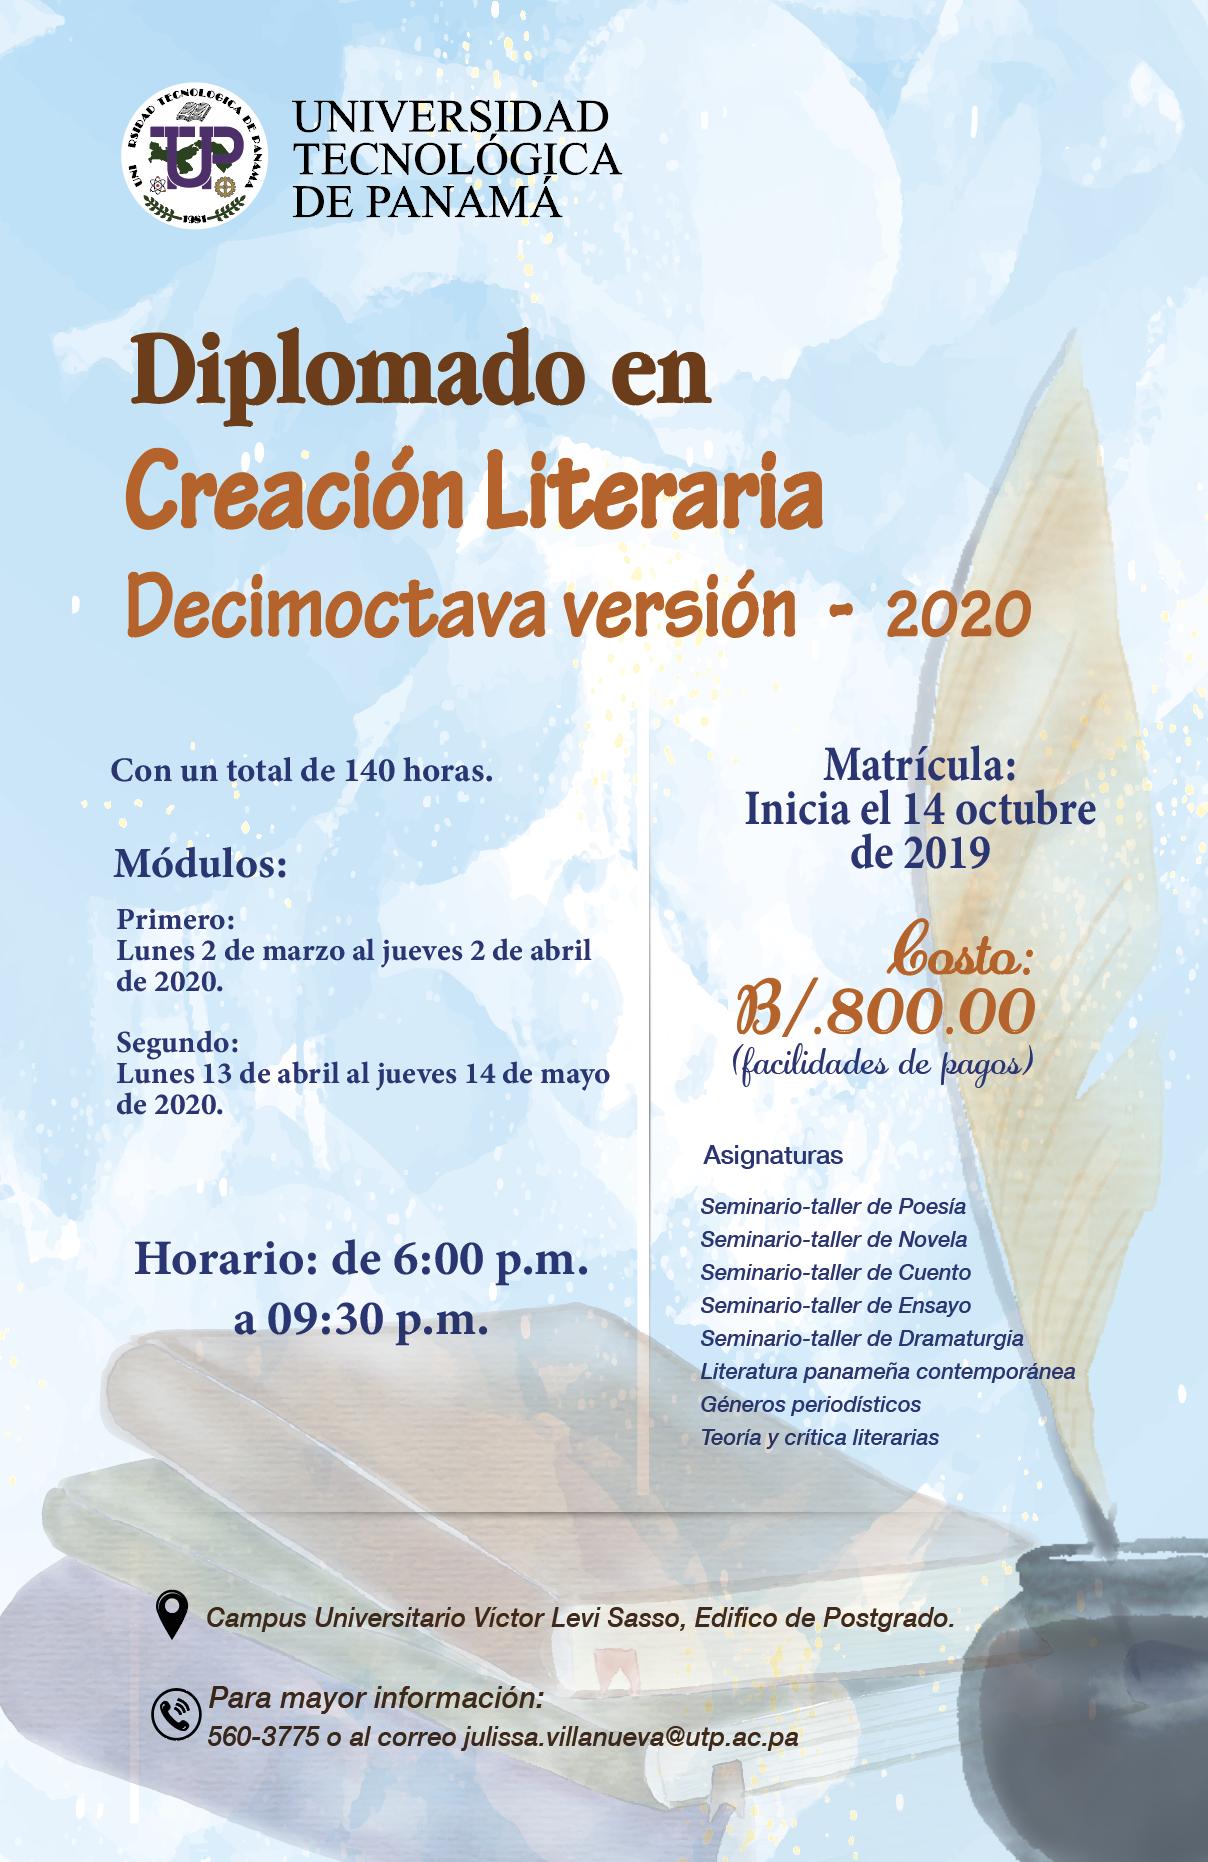 Diplomado en Creación Literaria 2020 - UTP Panamá